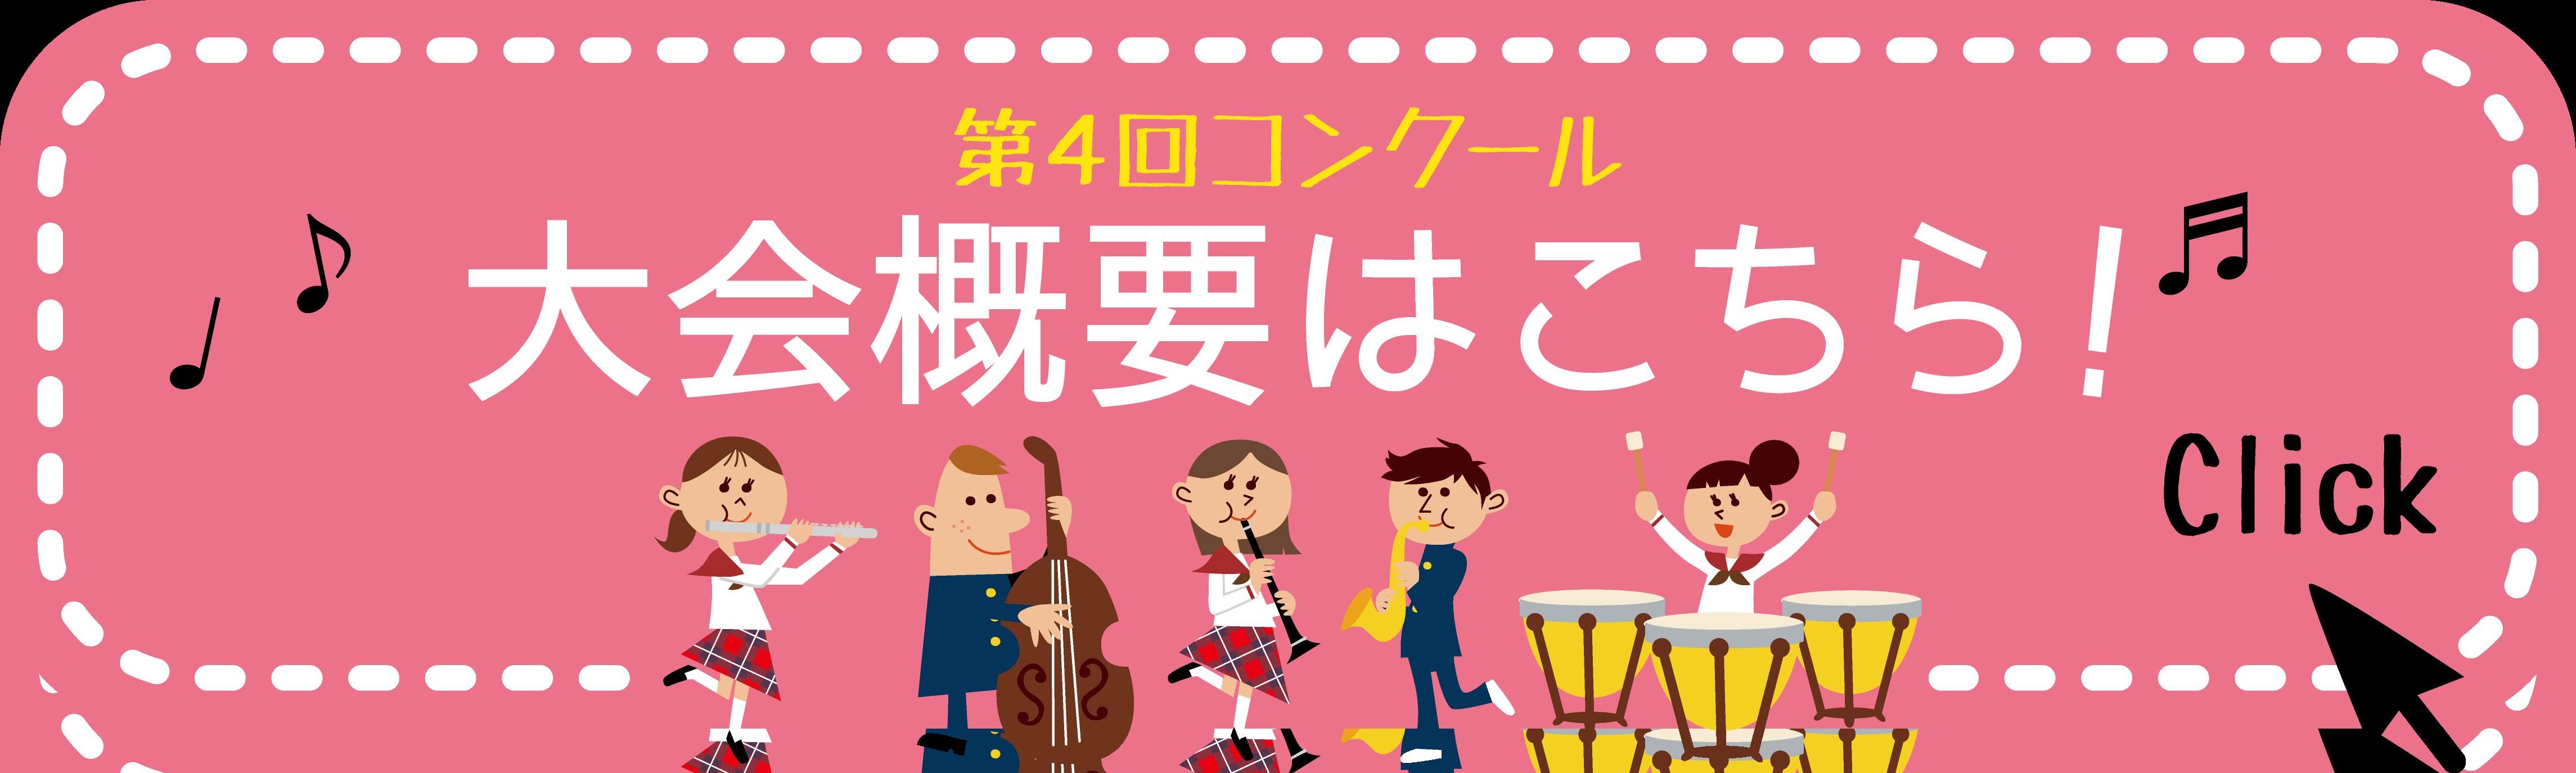 第4回全日本ブラスシンフォニーコンクール大会概要